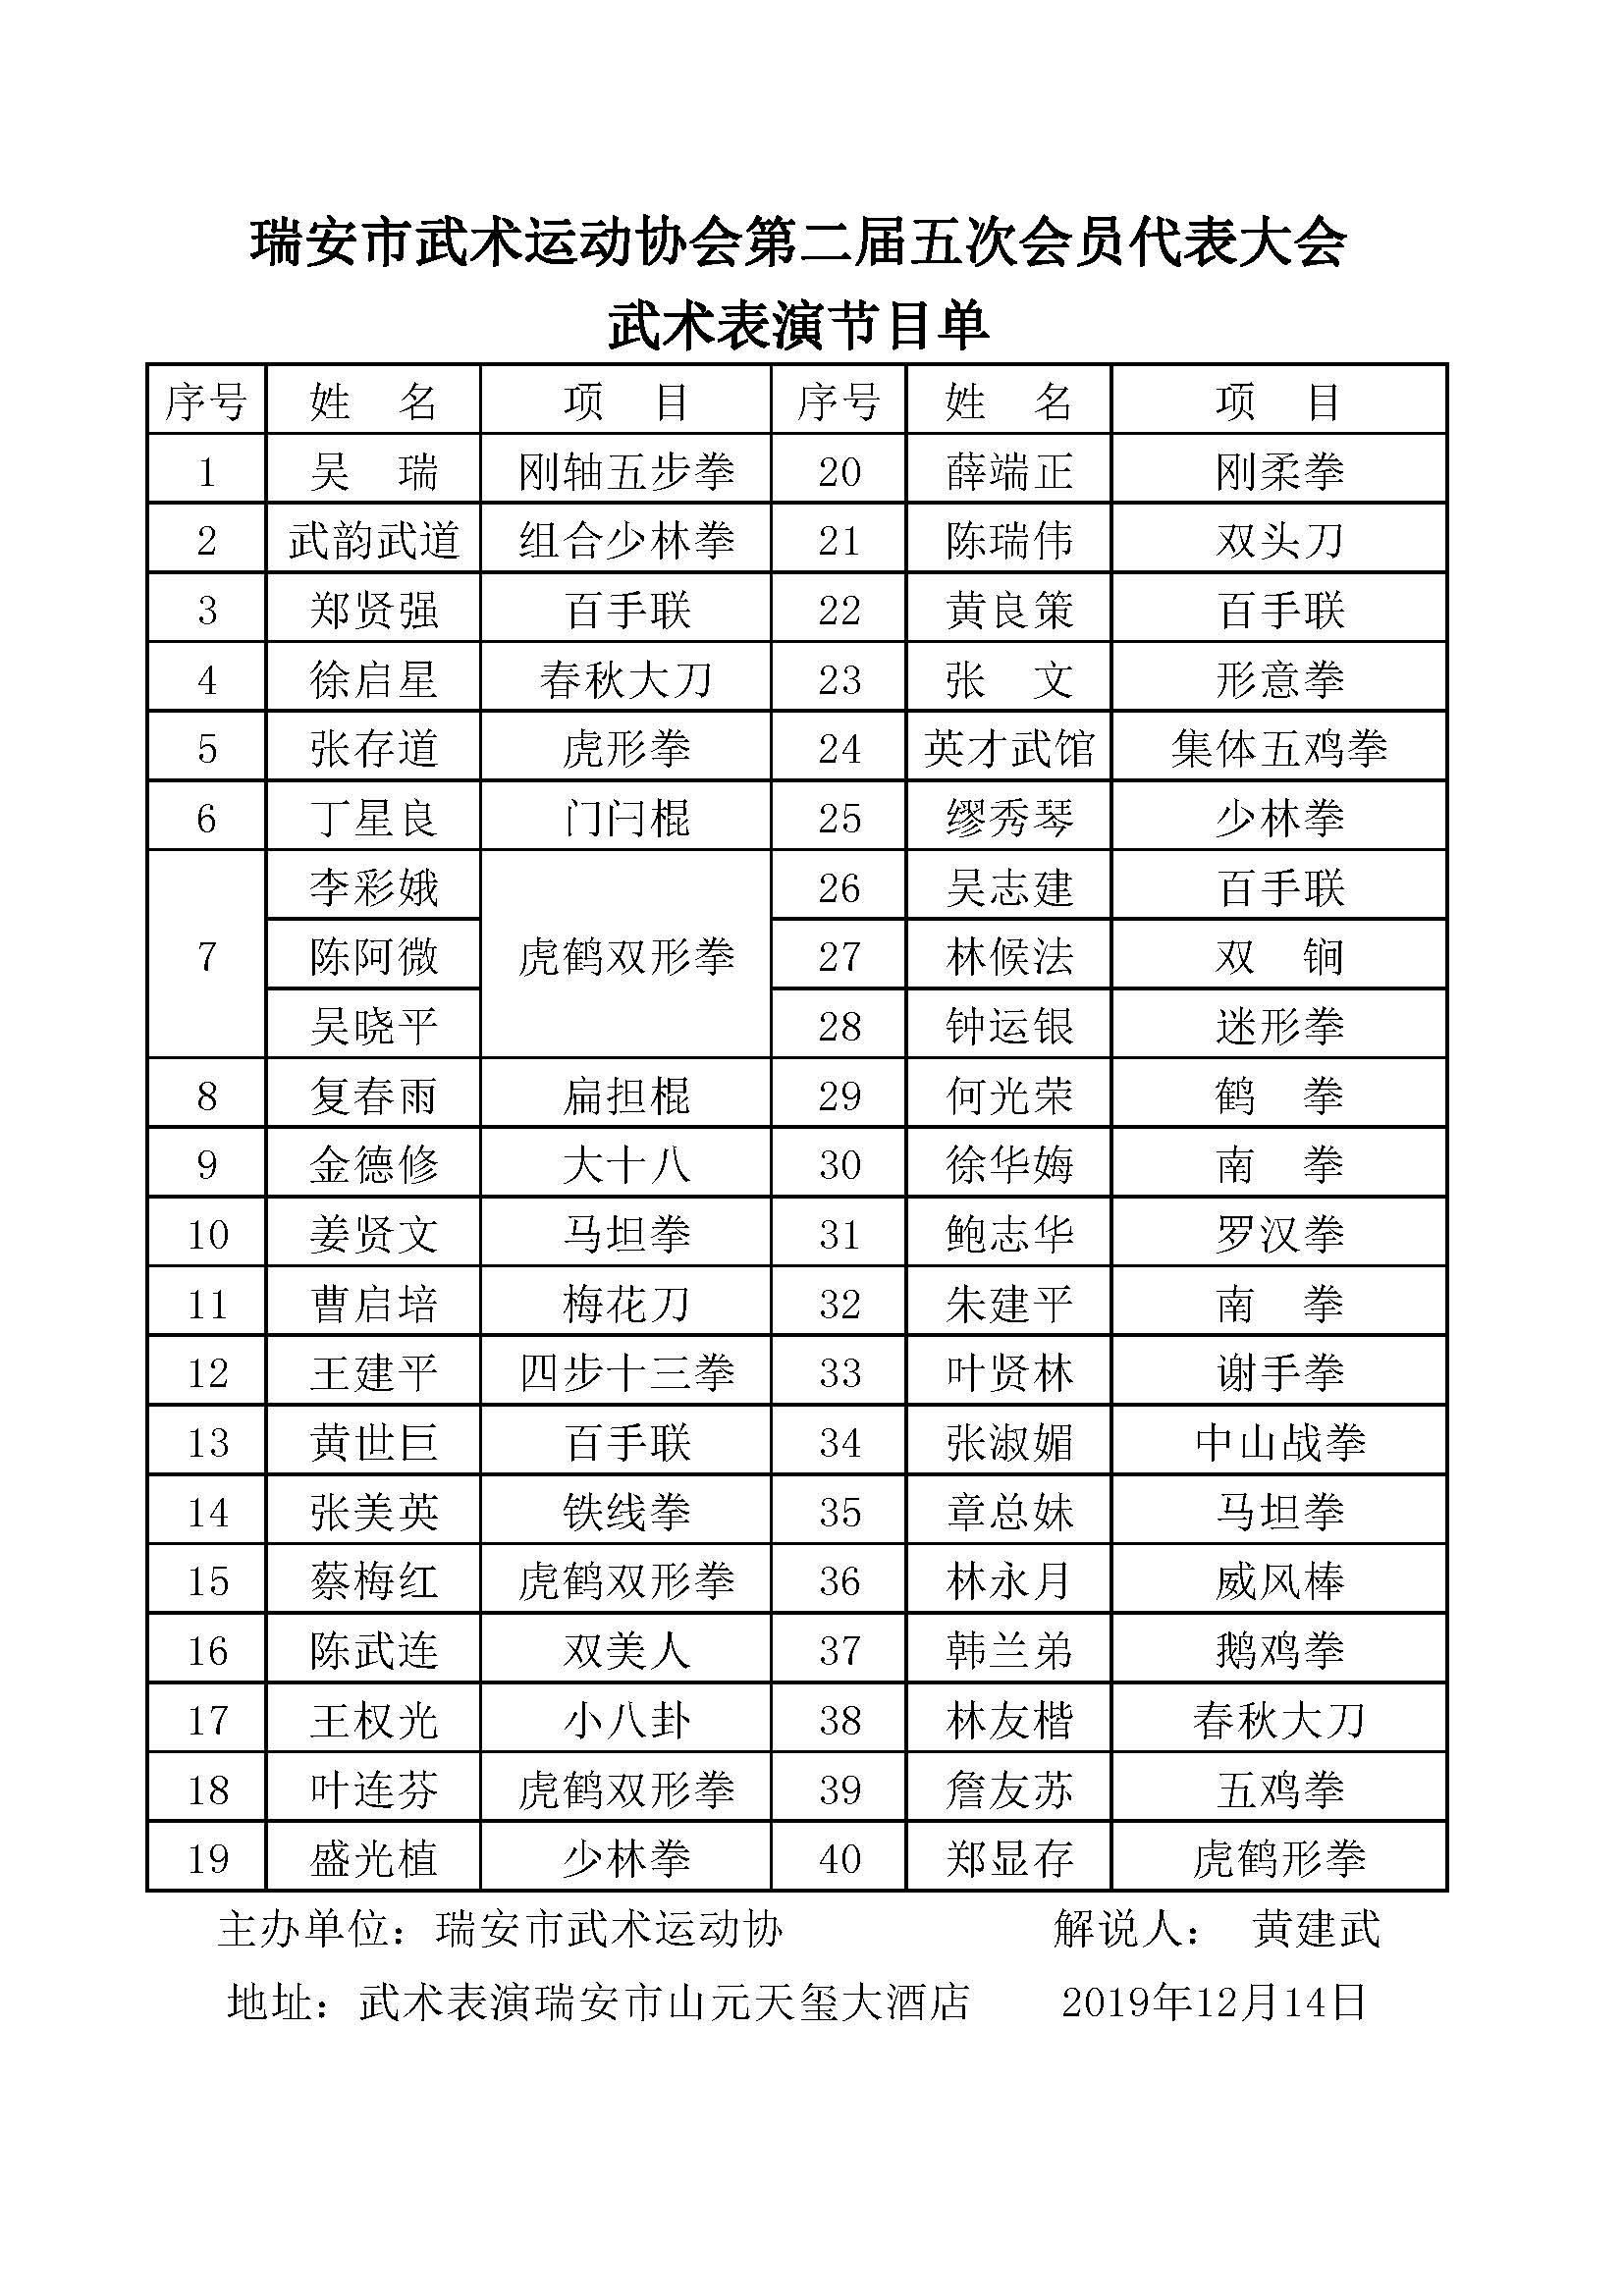 2019年参加武术表演名单_20191212083434.jpg